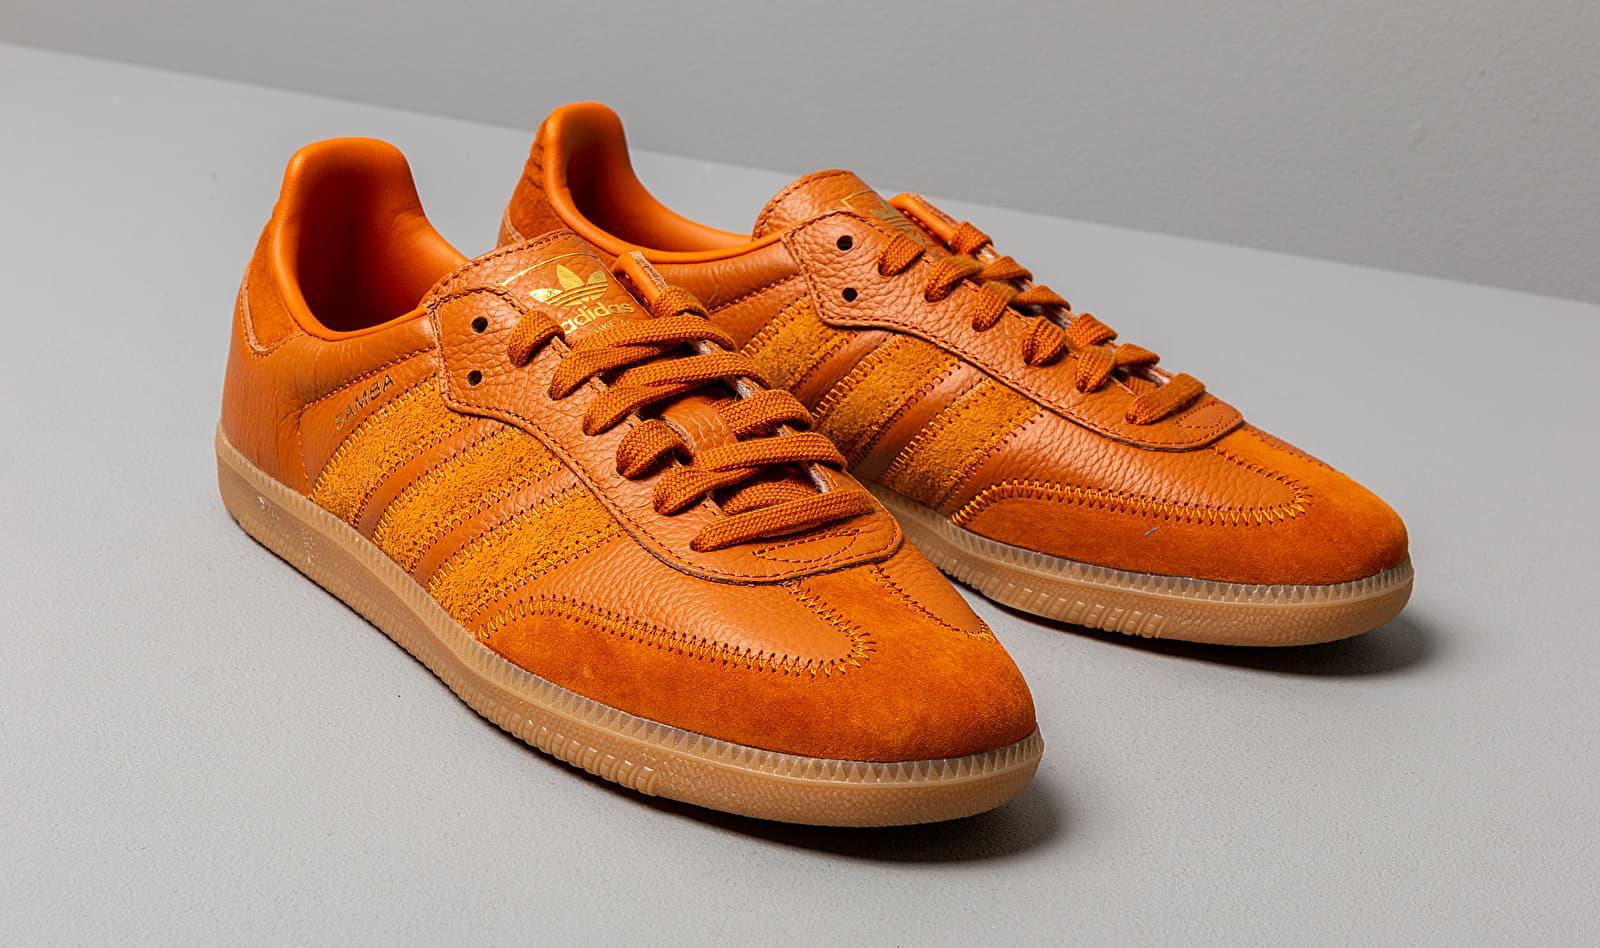 adidas samba orange | Great Quality